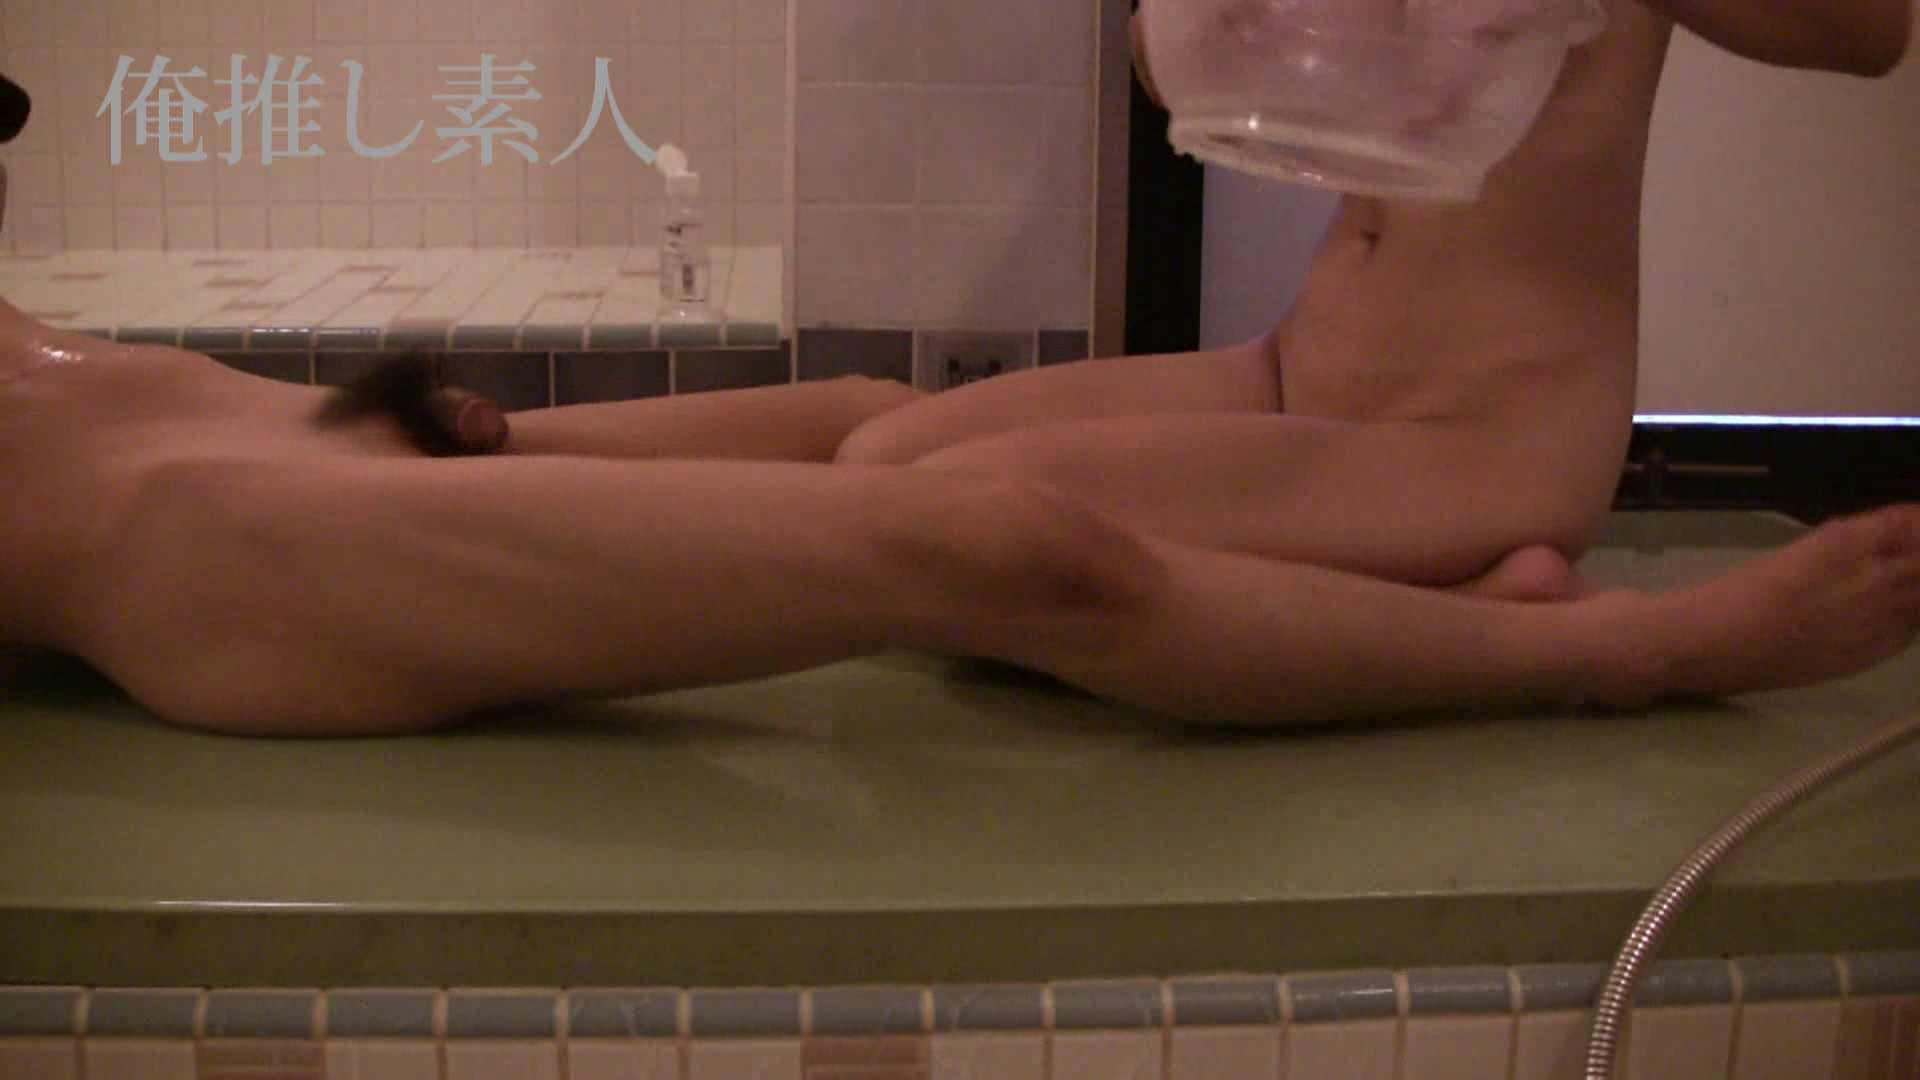 俺推し素人 30代人妻熟女キャバ嬢雫Vol.02 エッチなキャバ嬢   熟女の女体  71pic 29